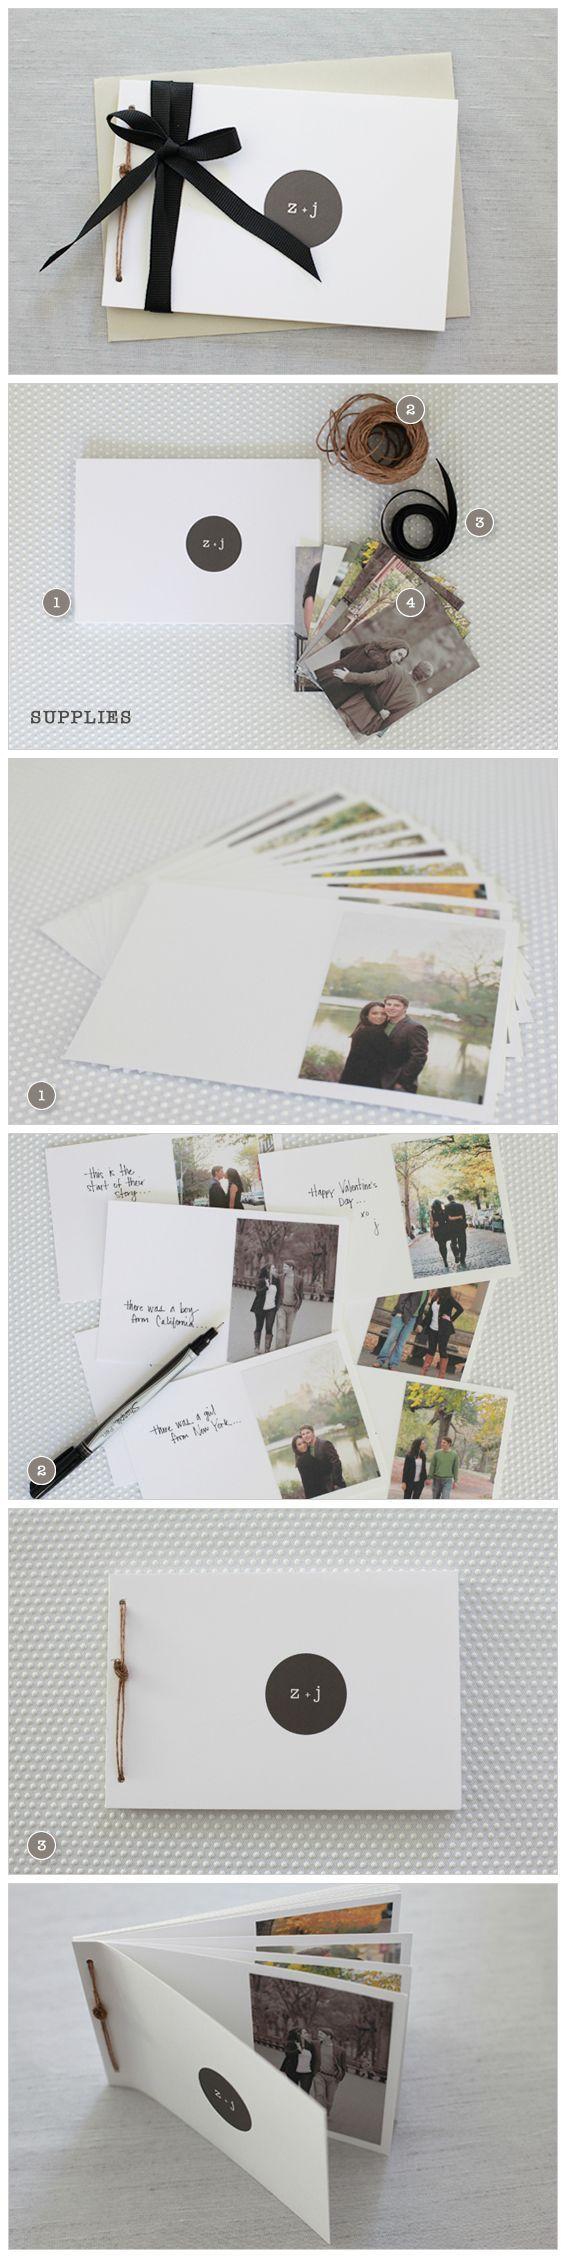 """Tu propio álbum de fotografías con tu pareja. En cualquier diseño aplica la regla de """"menos es más"""" es decir, entre menos cosas tenga el espacio, se verá más amplio. Juega con los colores, puedes agregarle un marco de colores o pequeños detalles  a los lados pero recuerda la regla. http://www.weddingchicks.com/2011/01/27/diy-valentines-love-book/"""